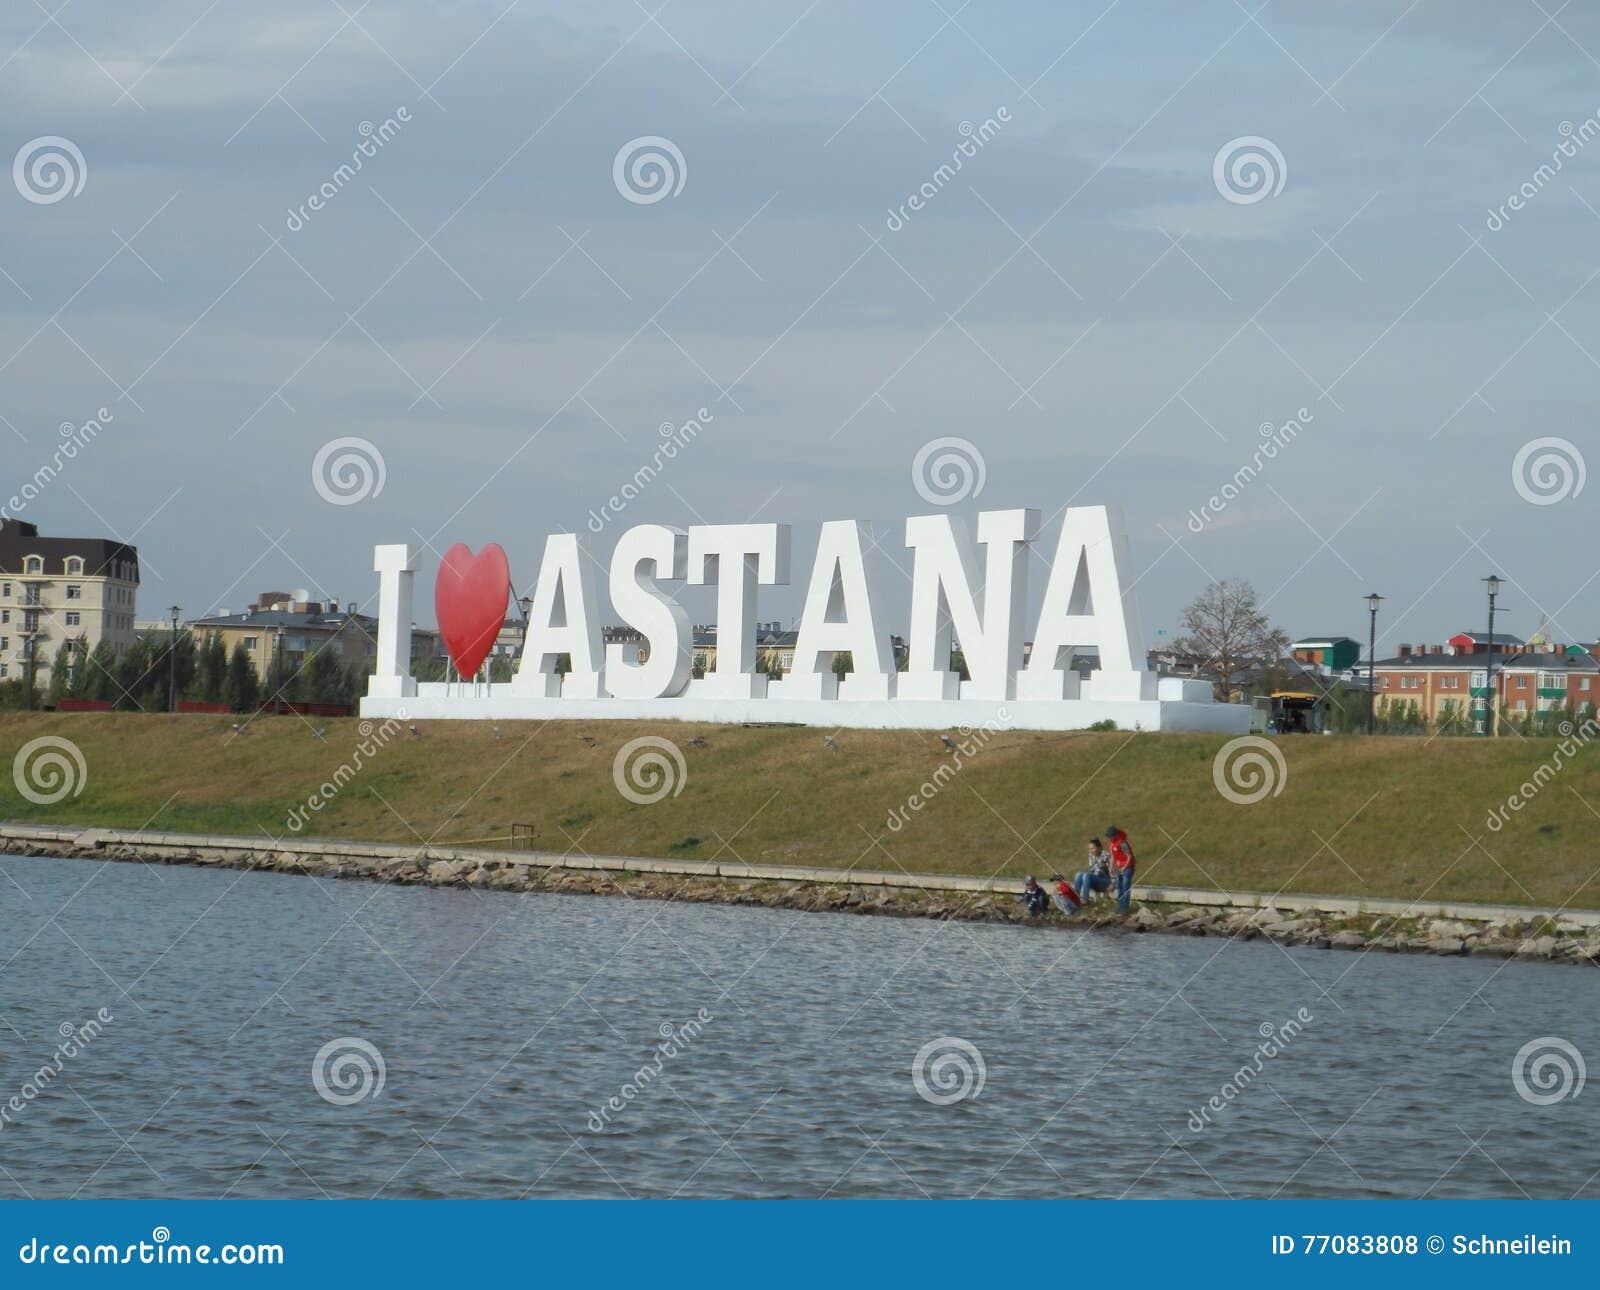 Gehen Sie auf das Motorschiff - i-Liebe Astana